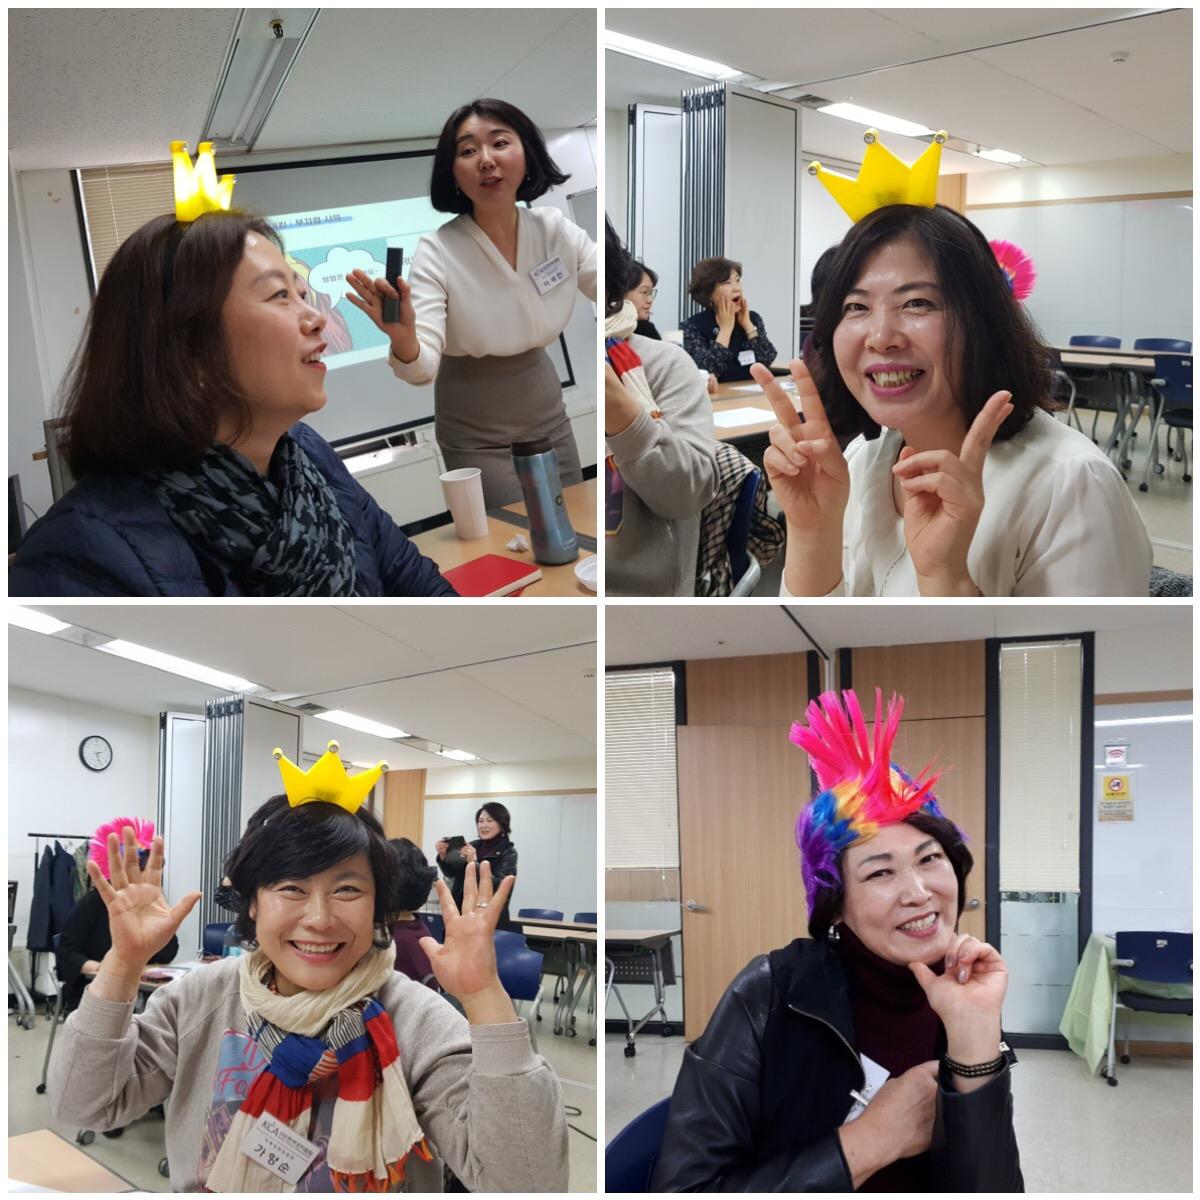 역량강화위원회 워크숍 <재의탁, 봄을 그리다!>  @한국코치협회